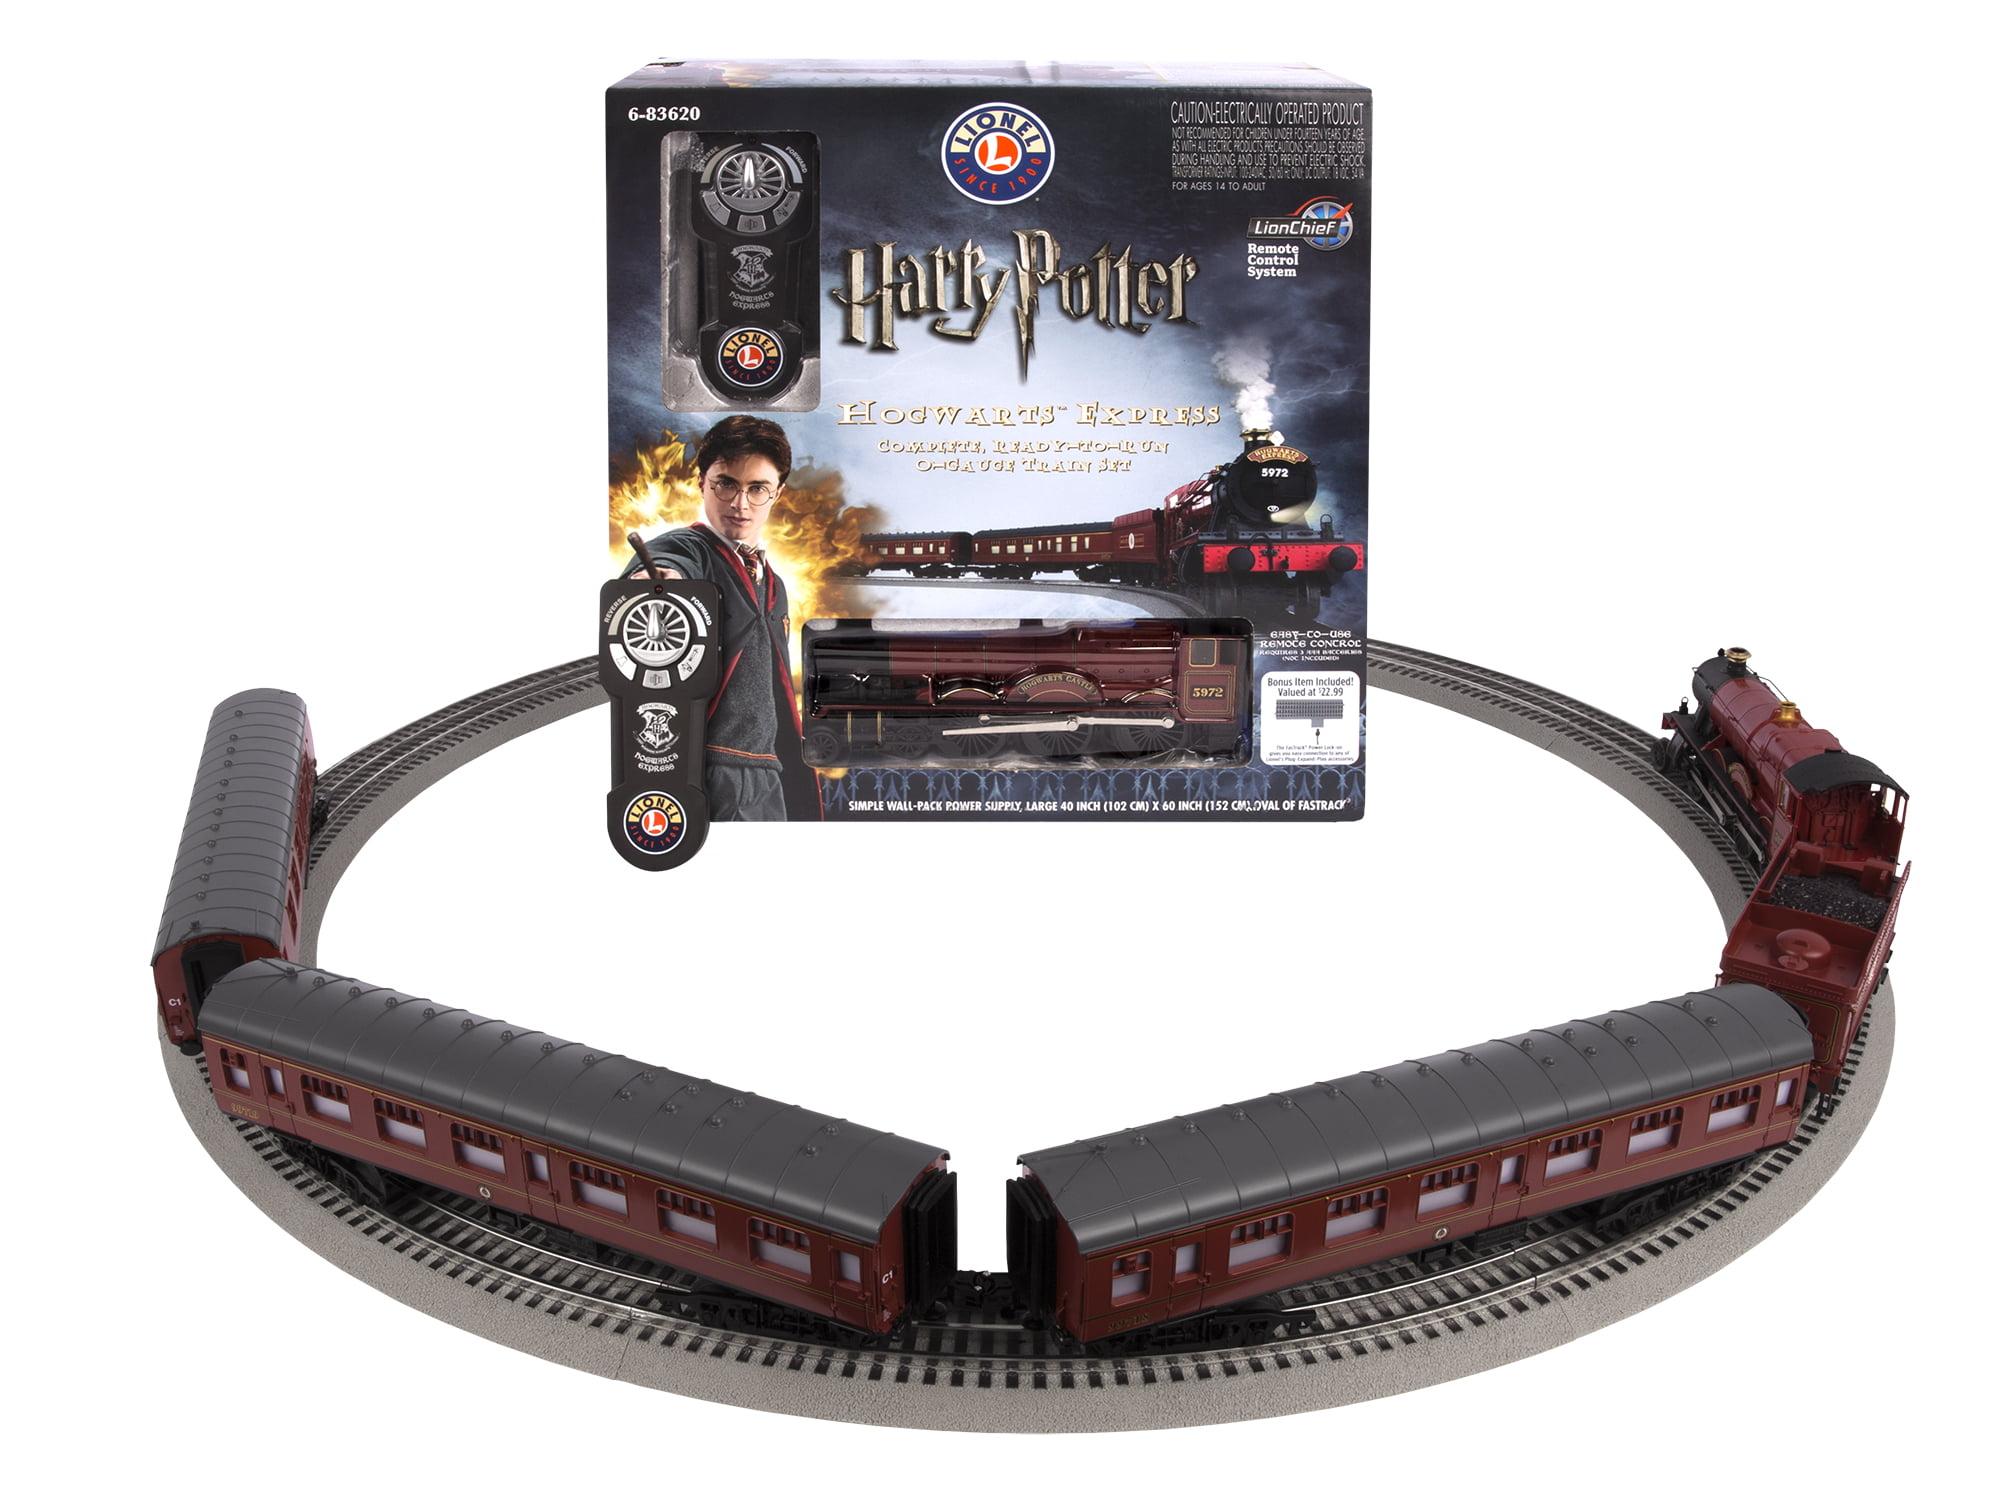 Lionel Trains Hogwarts Express Seasonal LionChief Ready to Run Train Set w BlueTooth by Lionel, LLC